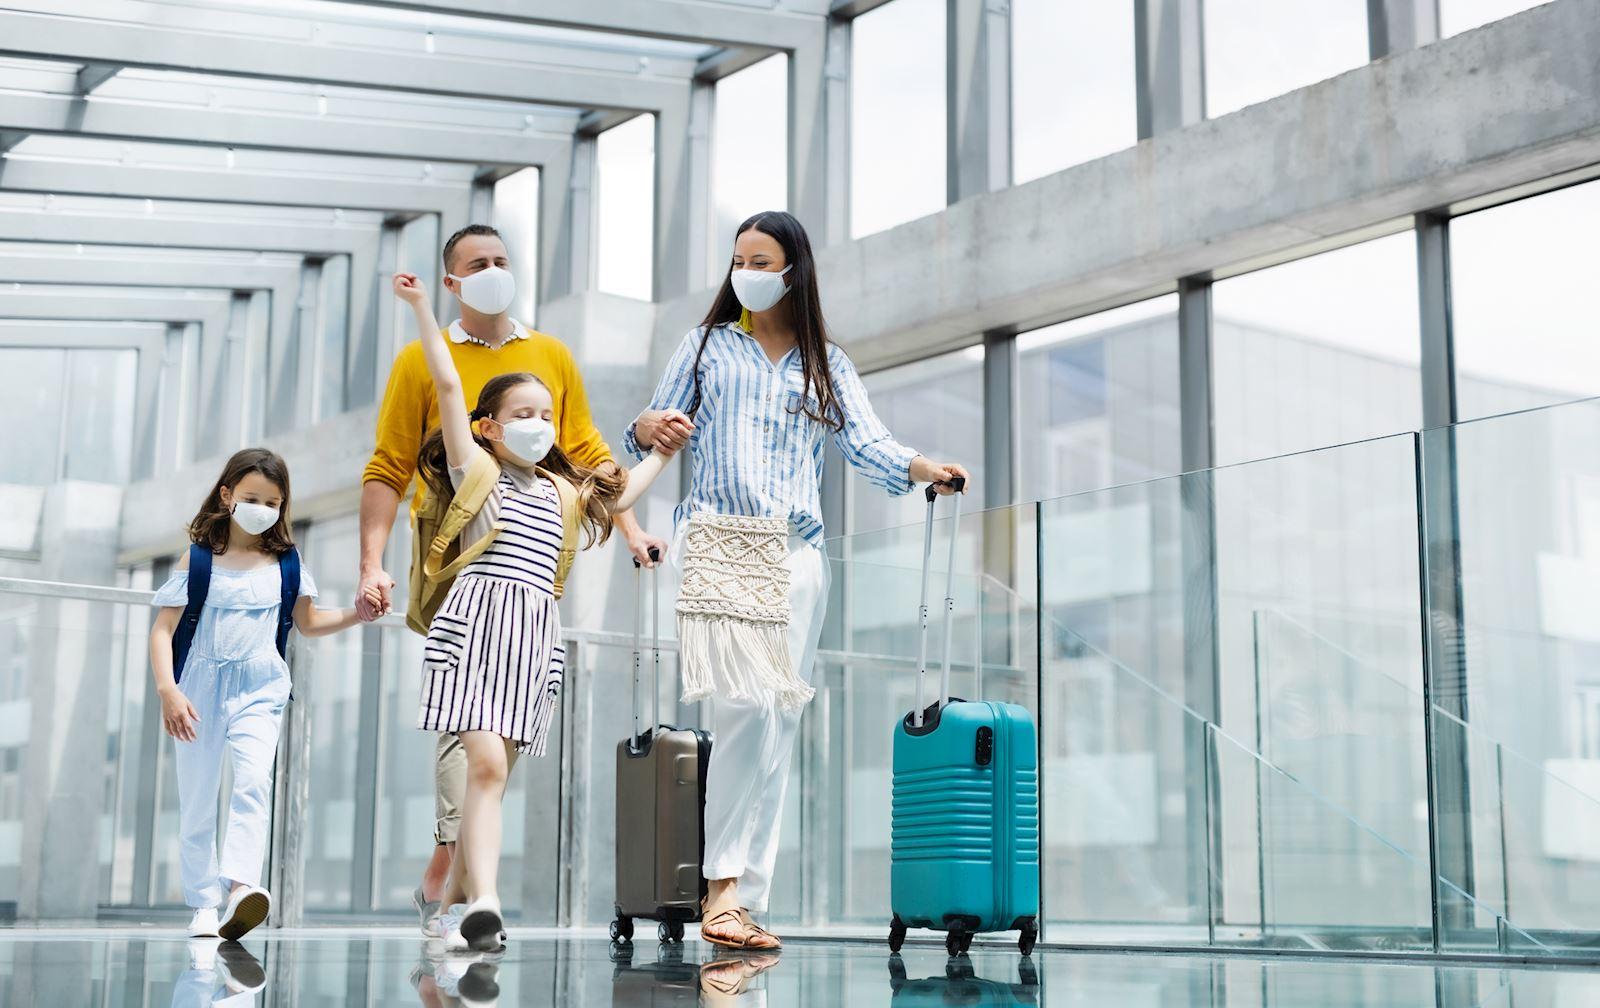 משפחה עם מסיכות בשדה התעופה